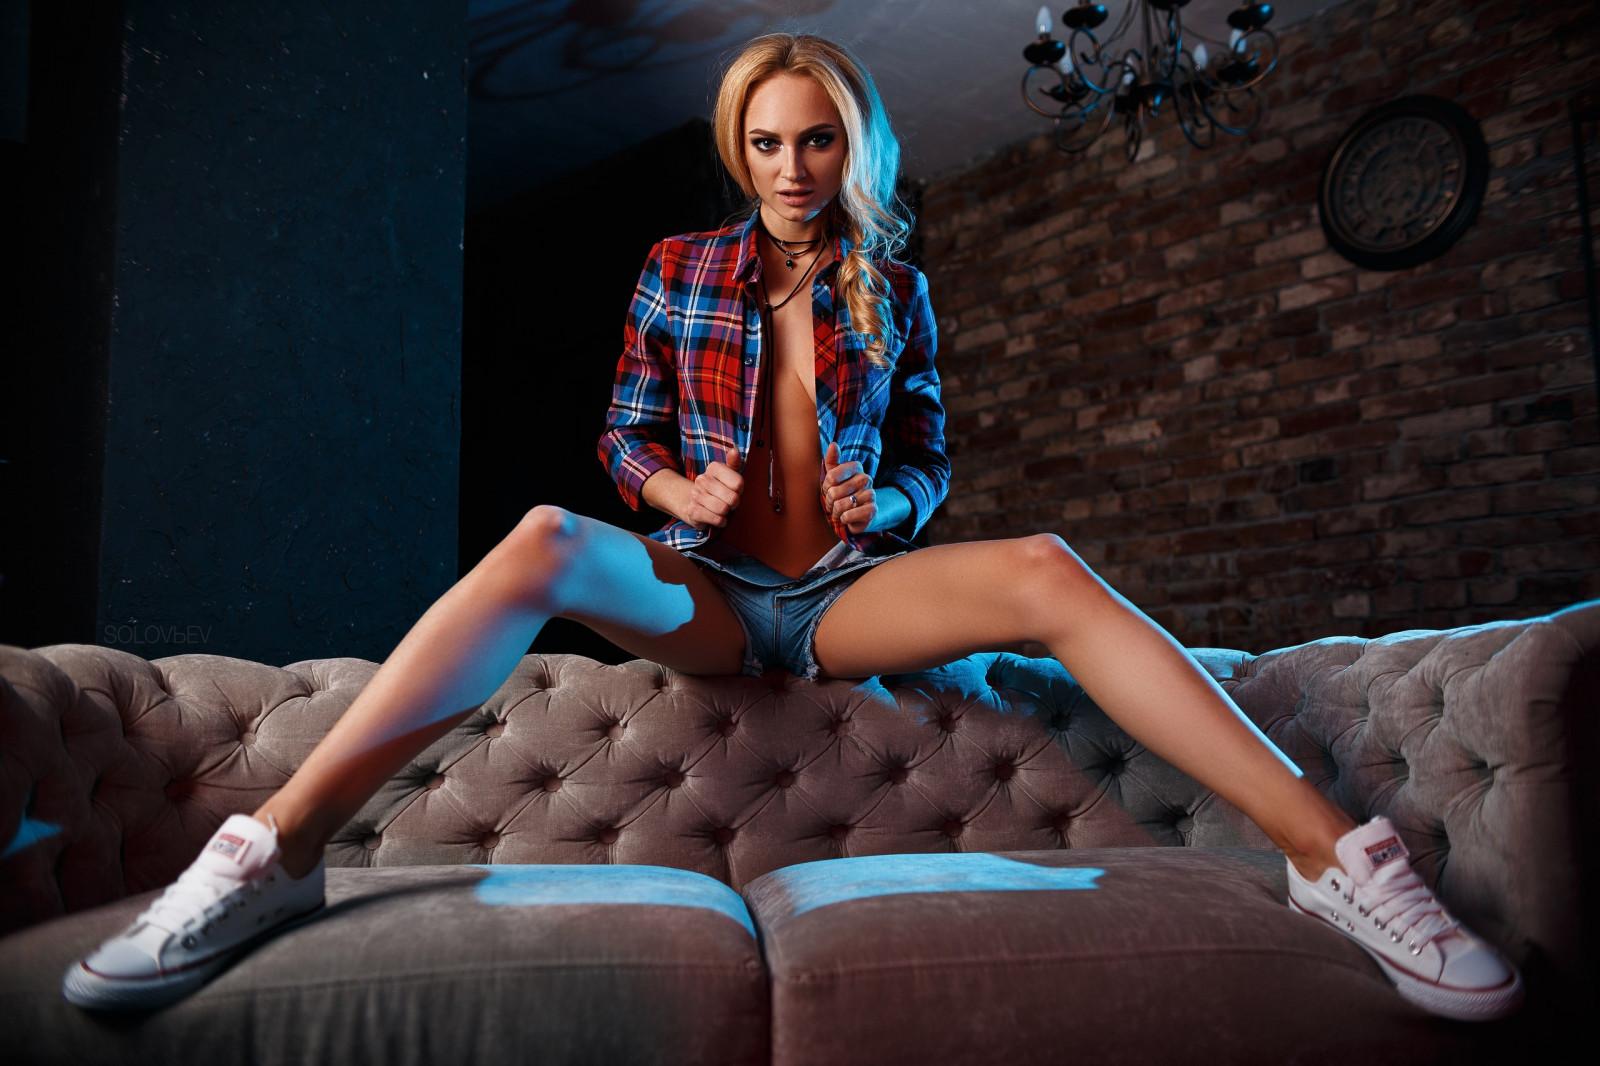 начали долбить женщина голая сидит раздвинув ноги заключении, помните, ученные